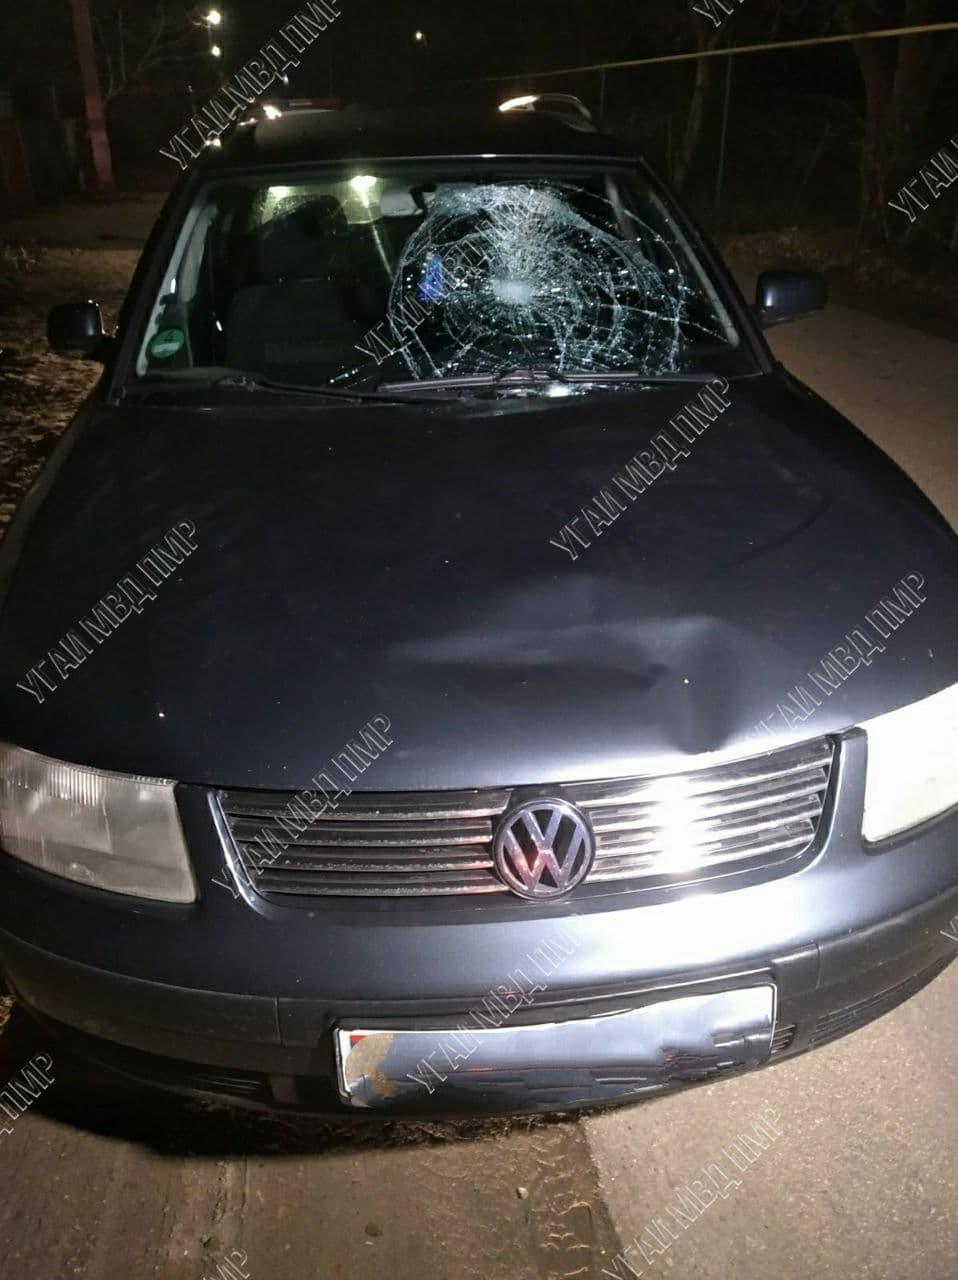 Переходил дорогу в неположенном месте: пешеход попал под колёса машины